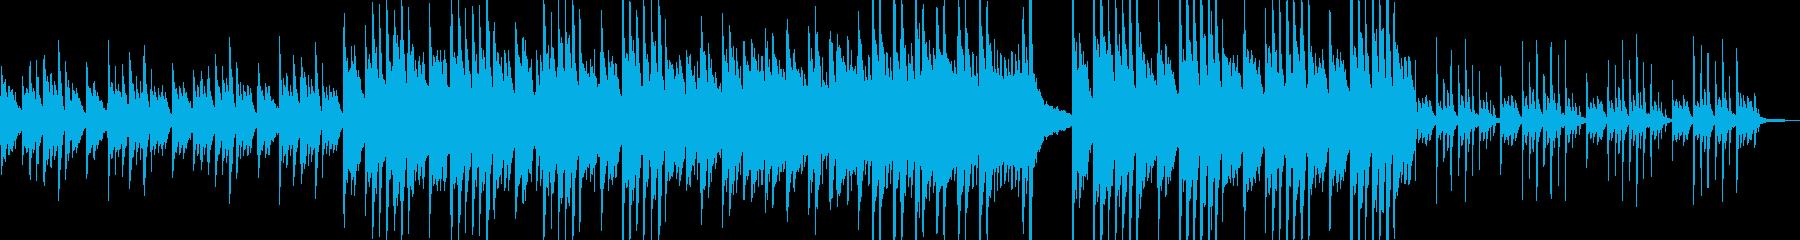 優しい雰囲気のピアノソロ曲の再生済みの波形